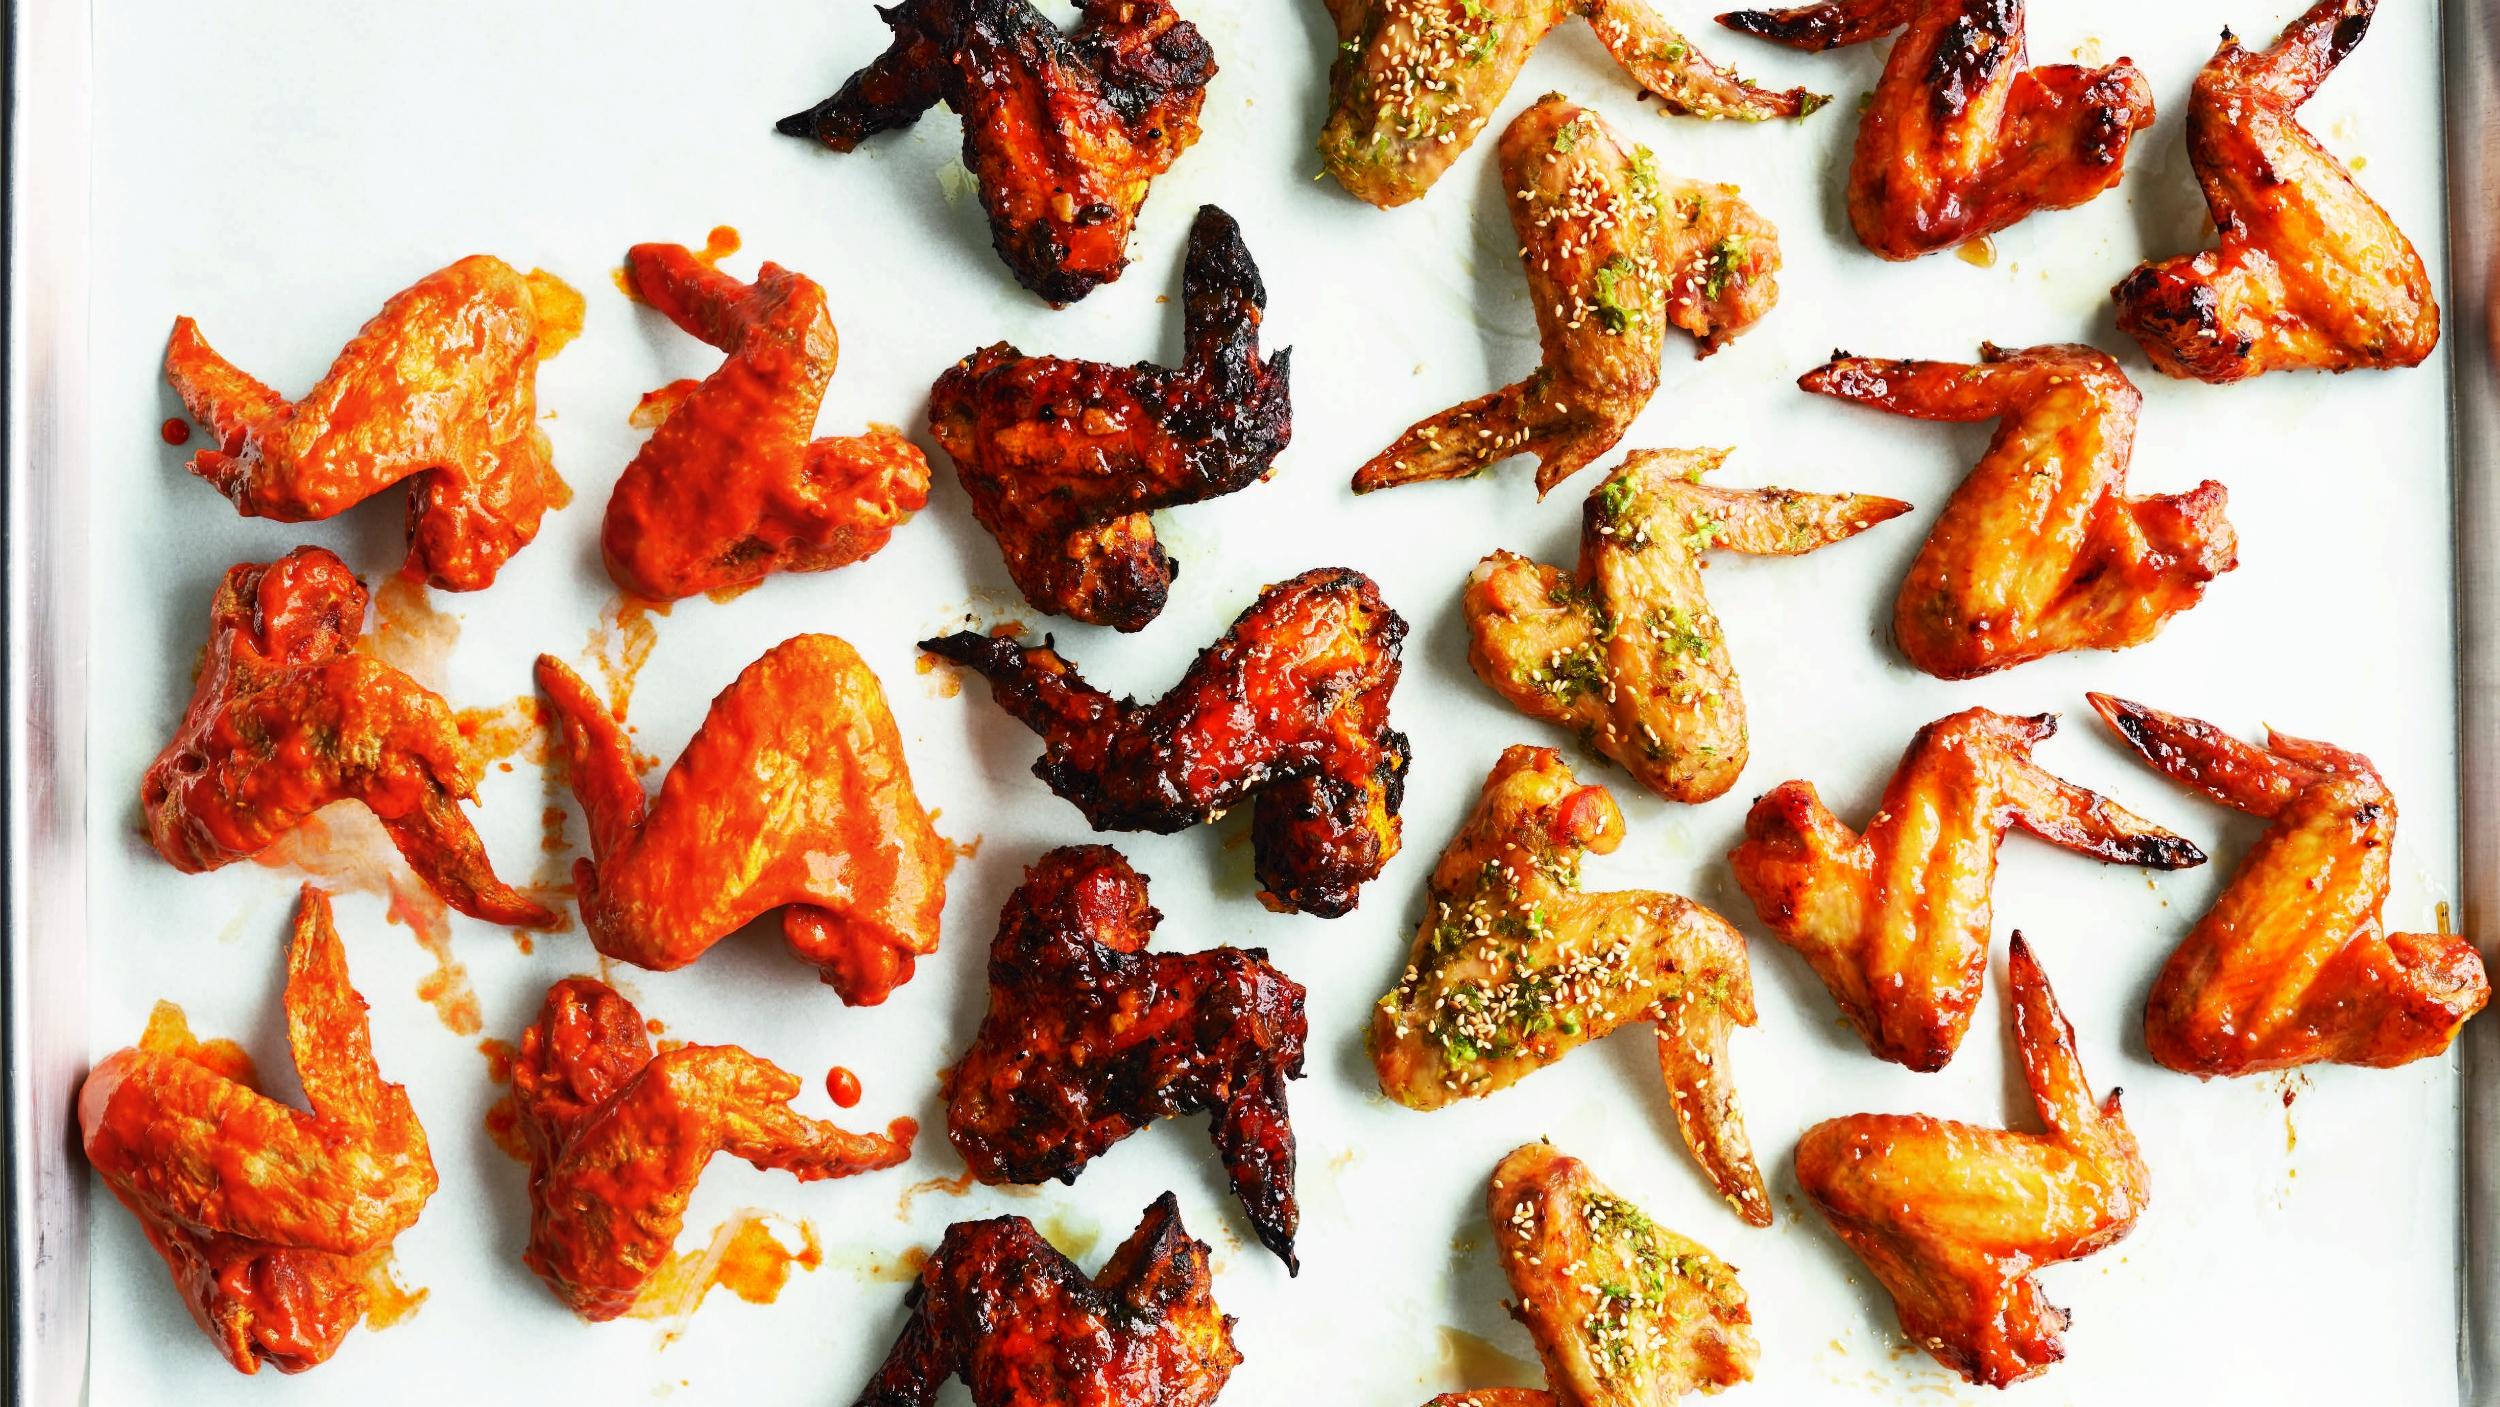 martha stewart s 4 chicken wing recipes